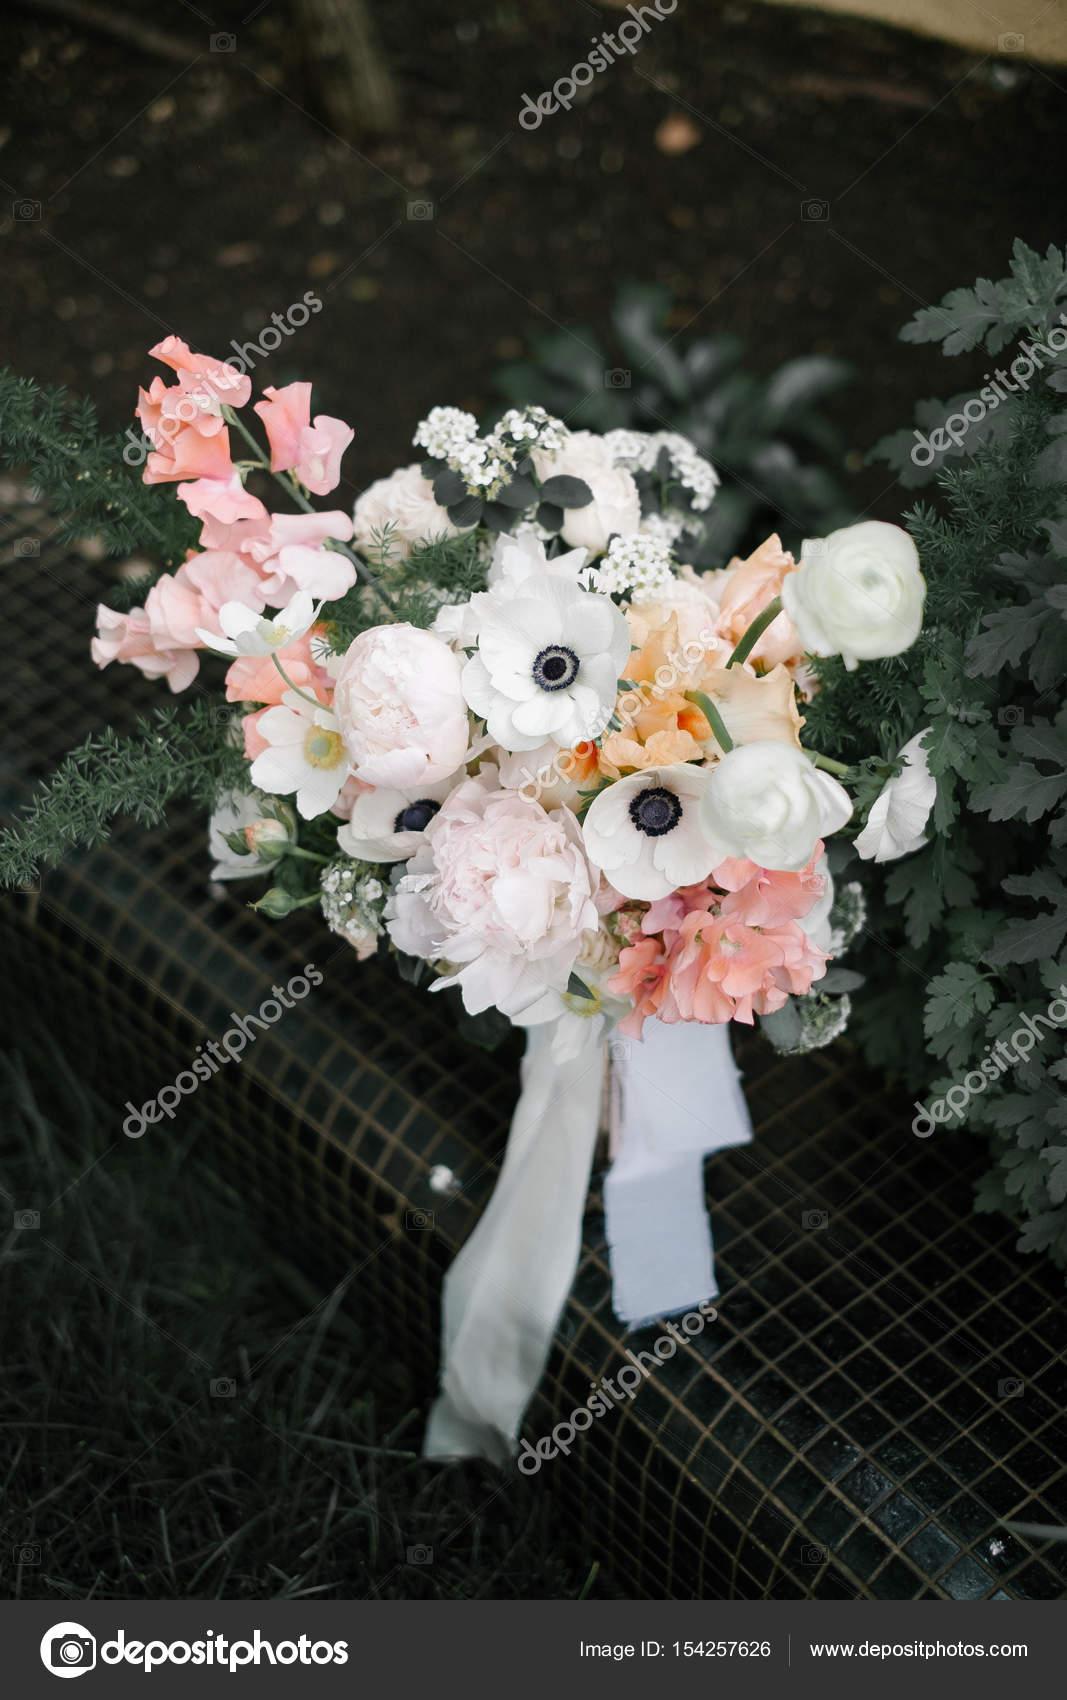 ραντεβού δίνοντας λουλούδια διαδικτυακές λέσχες γνωριμιών